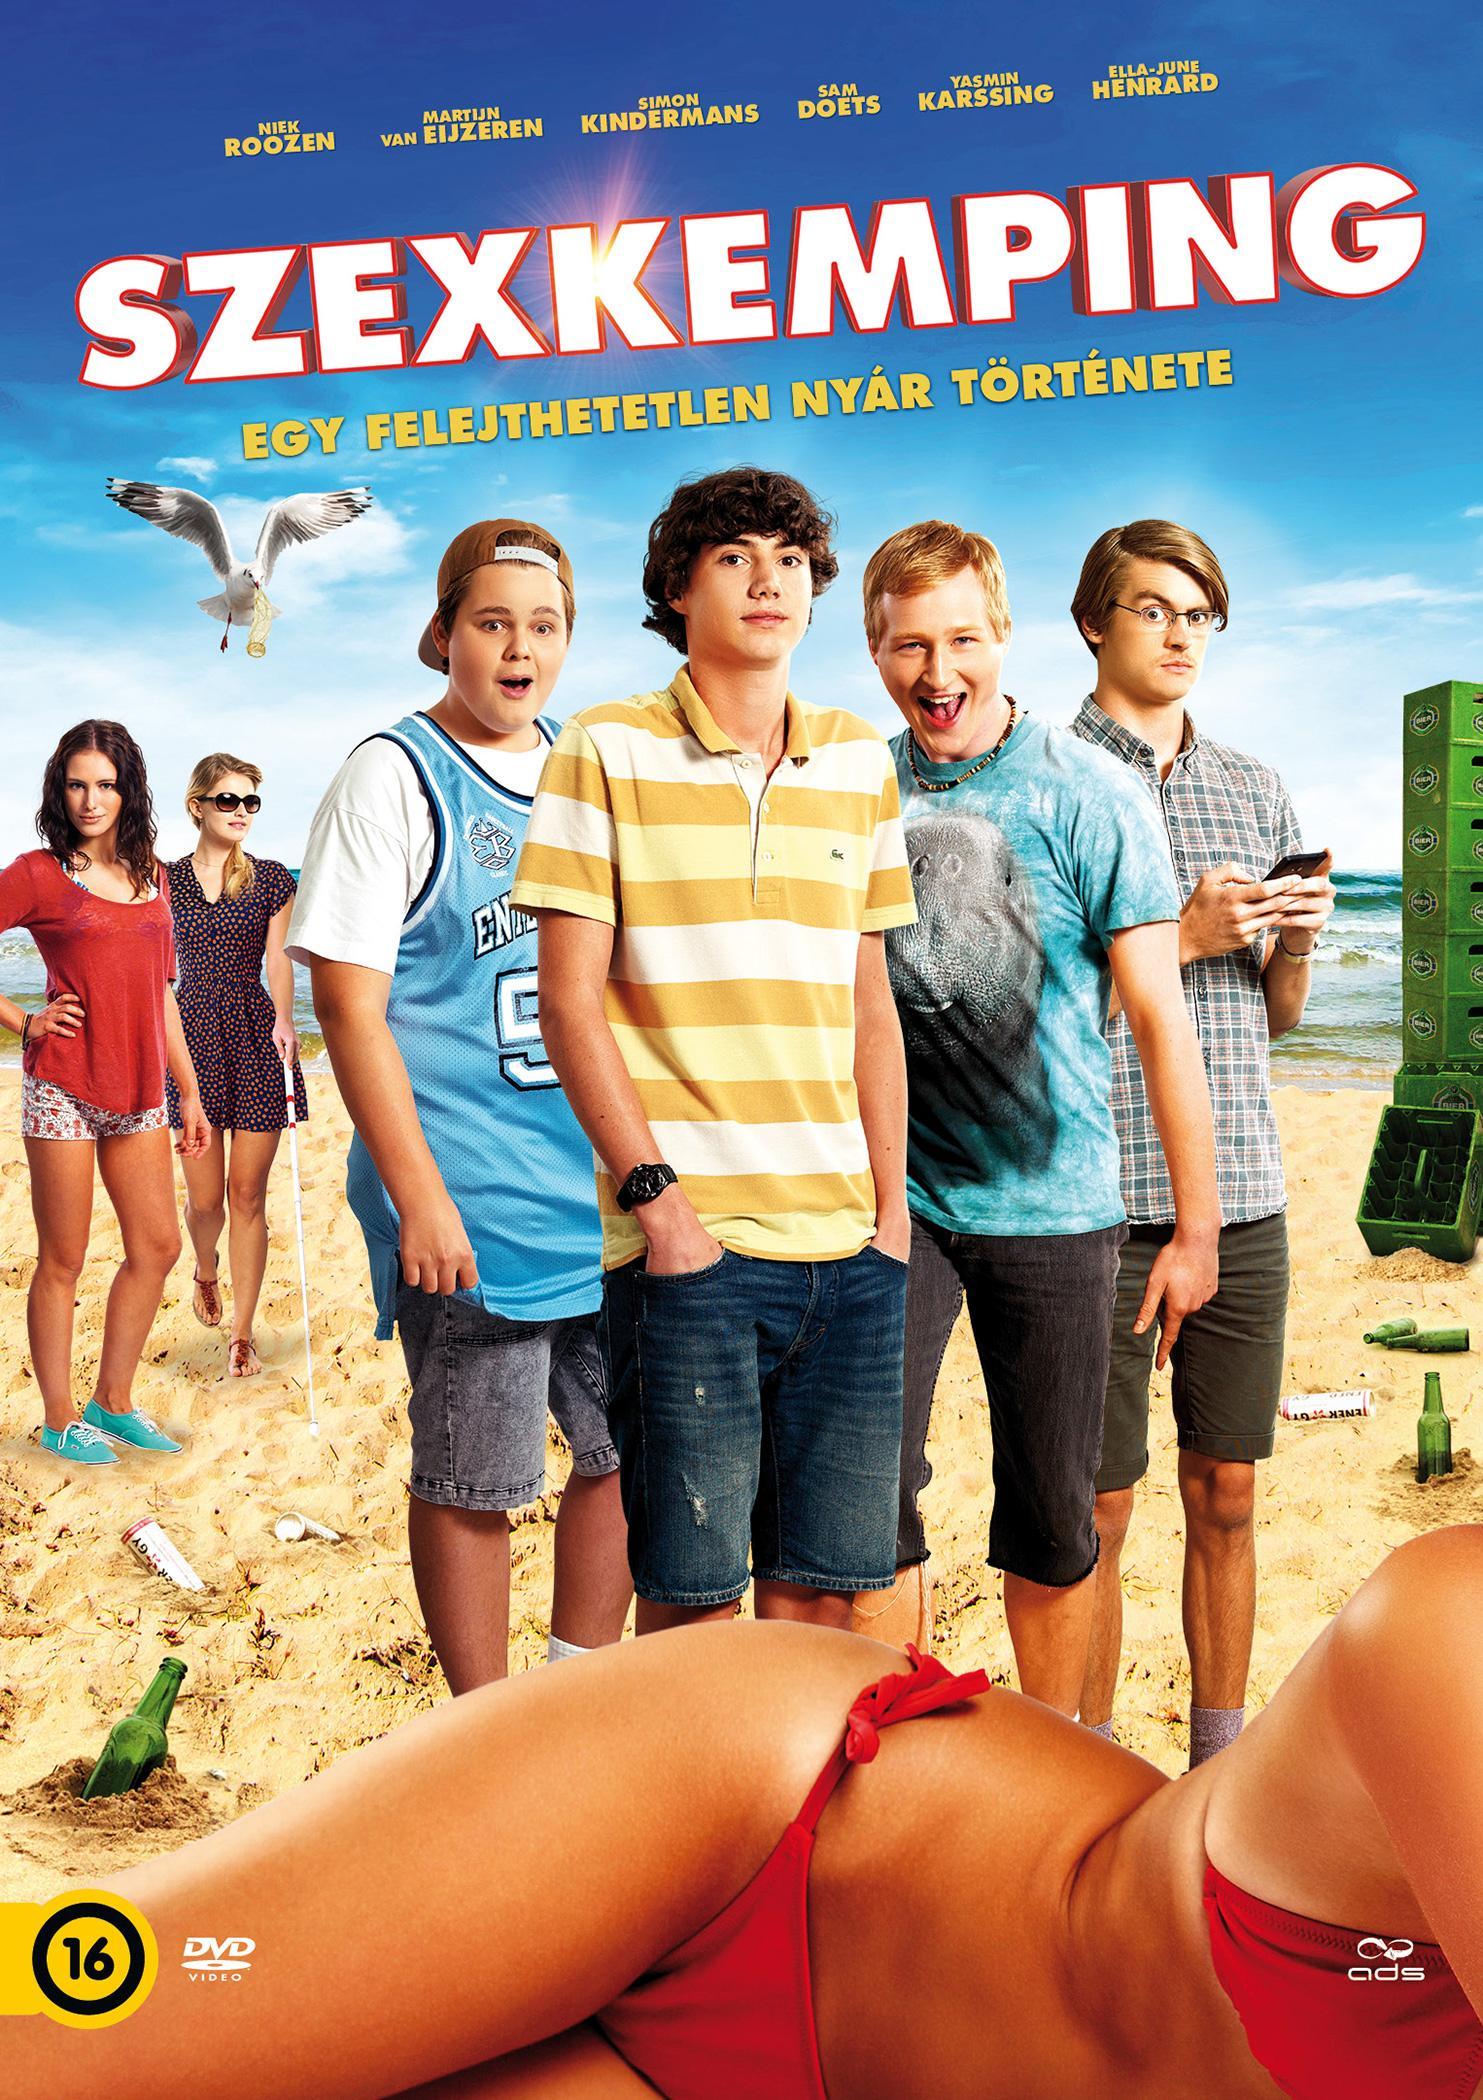 - SZEXKEMPING - DVD -